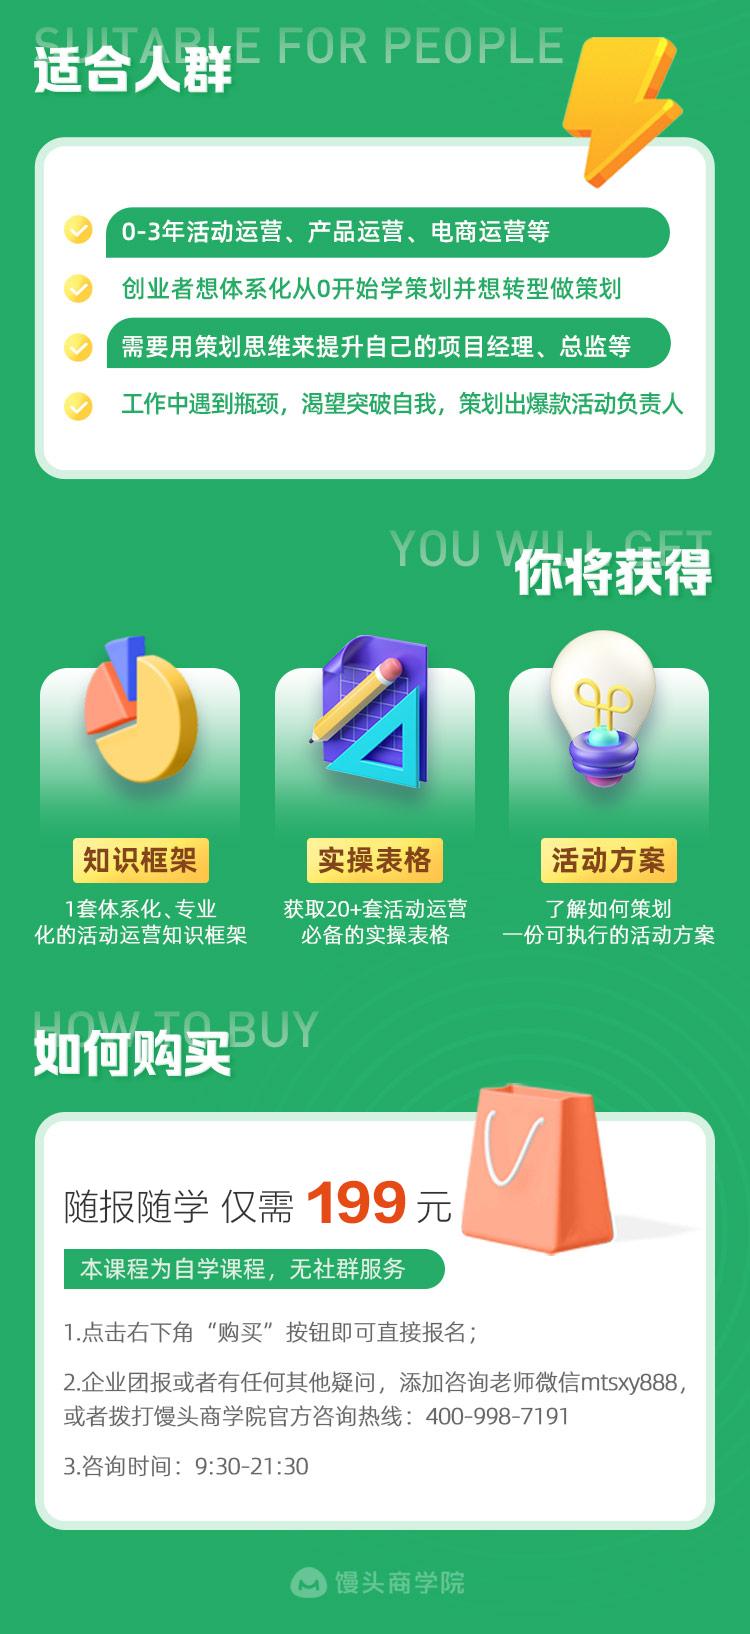 http://mtedu-img.oss-cn-beijing-internal.aliyuncs.com/ueditor/20210618194516_799808.jpg